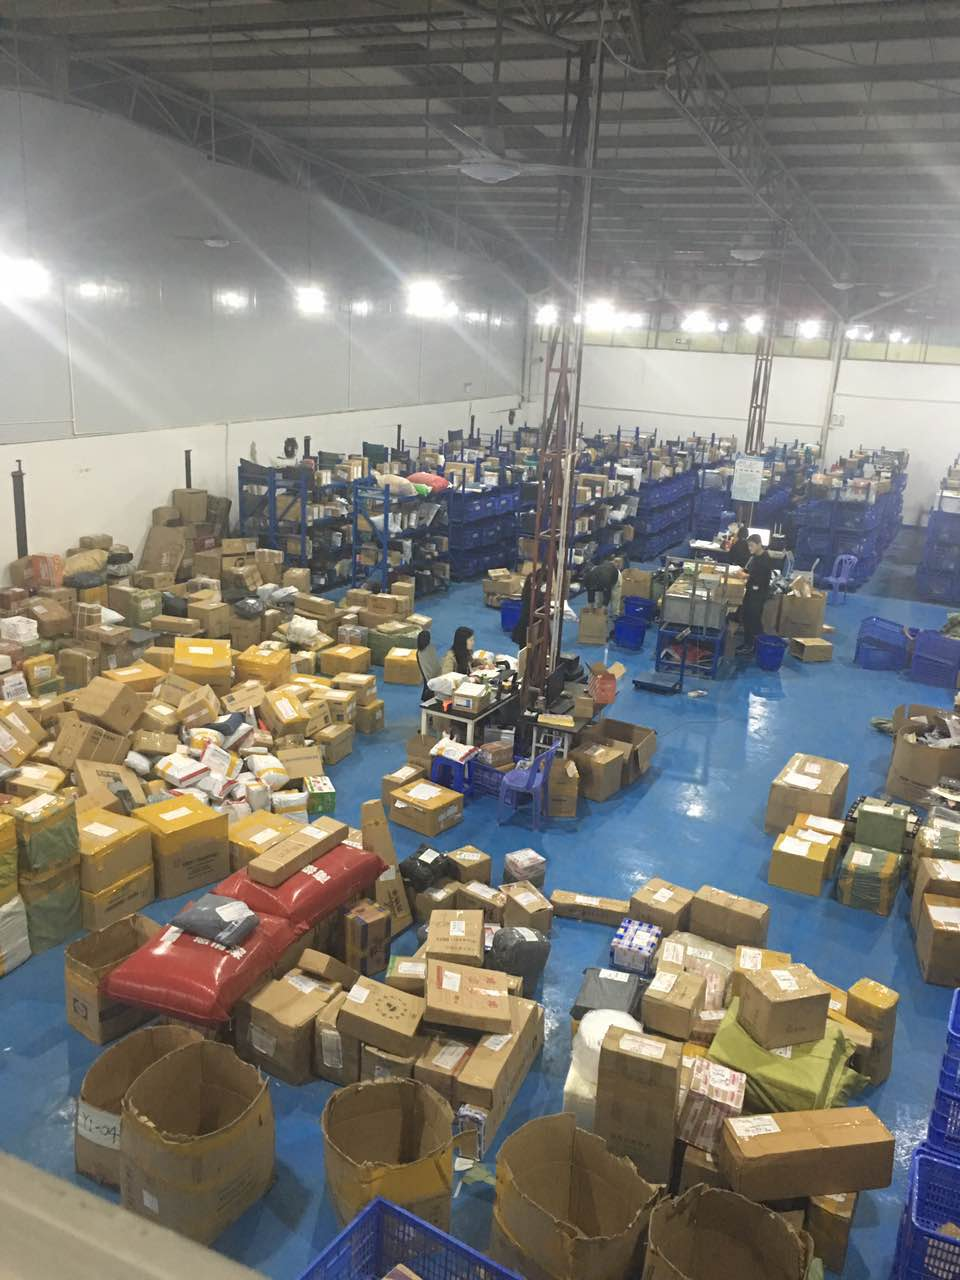 深圳广州发手机到泰国专线陆运双清包税国际快递物流